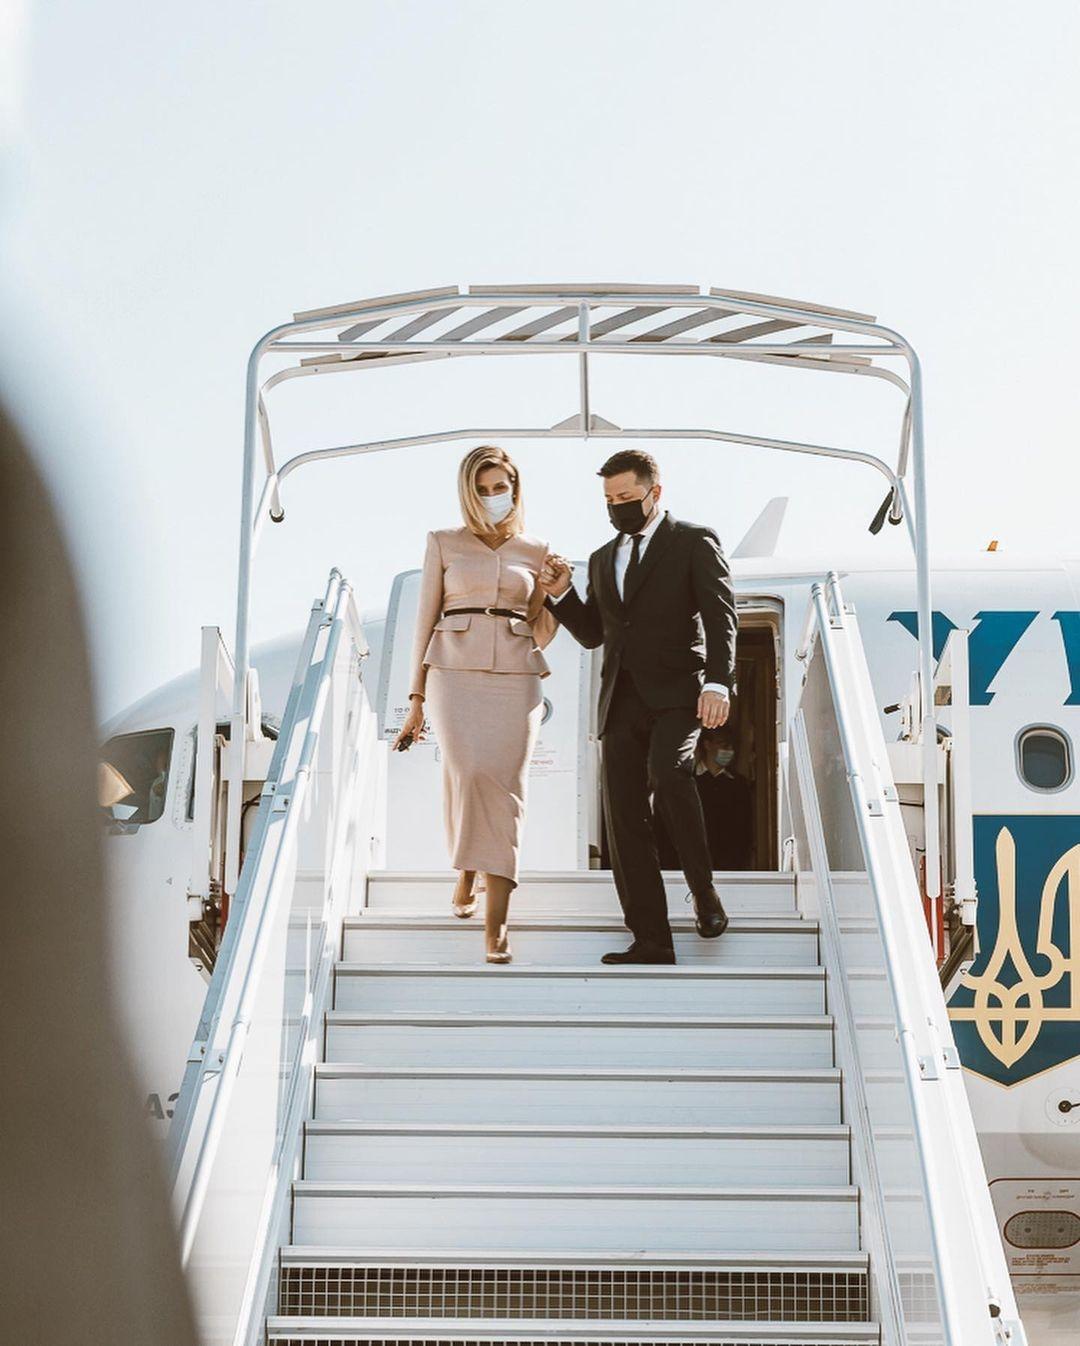 Образ дня: Елена Зеленская в женственном наряде прилетела в Париж (ФОТО) - фото №1